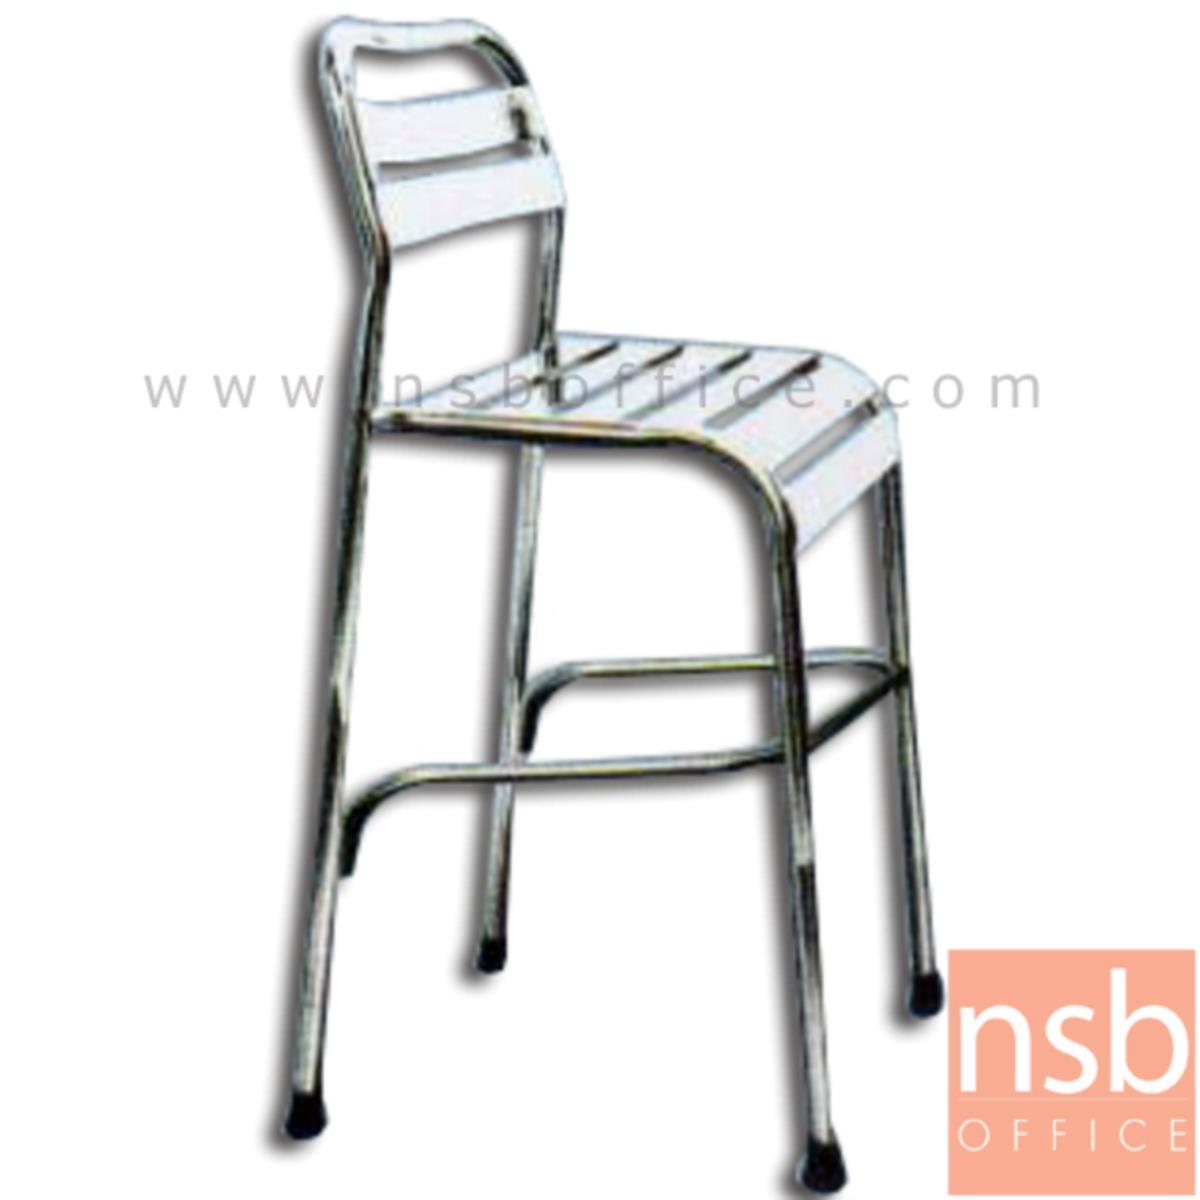 G12A177: เก้าอี้บาร์สเตนเลสสูง 105 ซม. รุ่น KJC-031H ไม่มีท้าวแขน